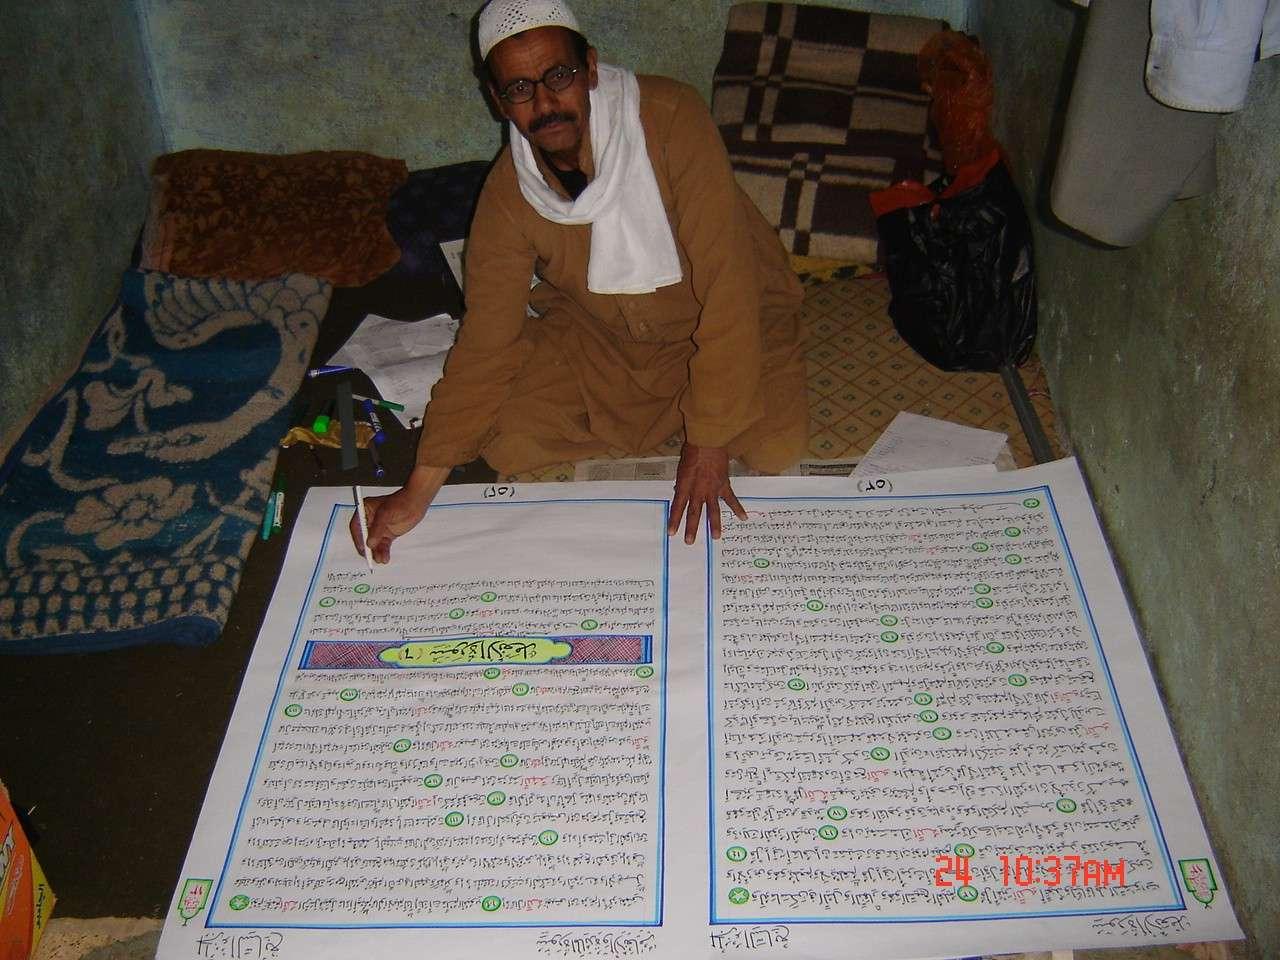 اكبر مصحف في العالم مكتوب بخط اليد Ououso11